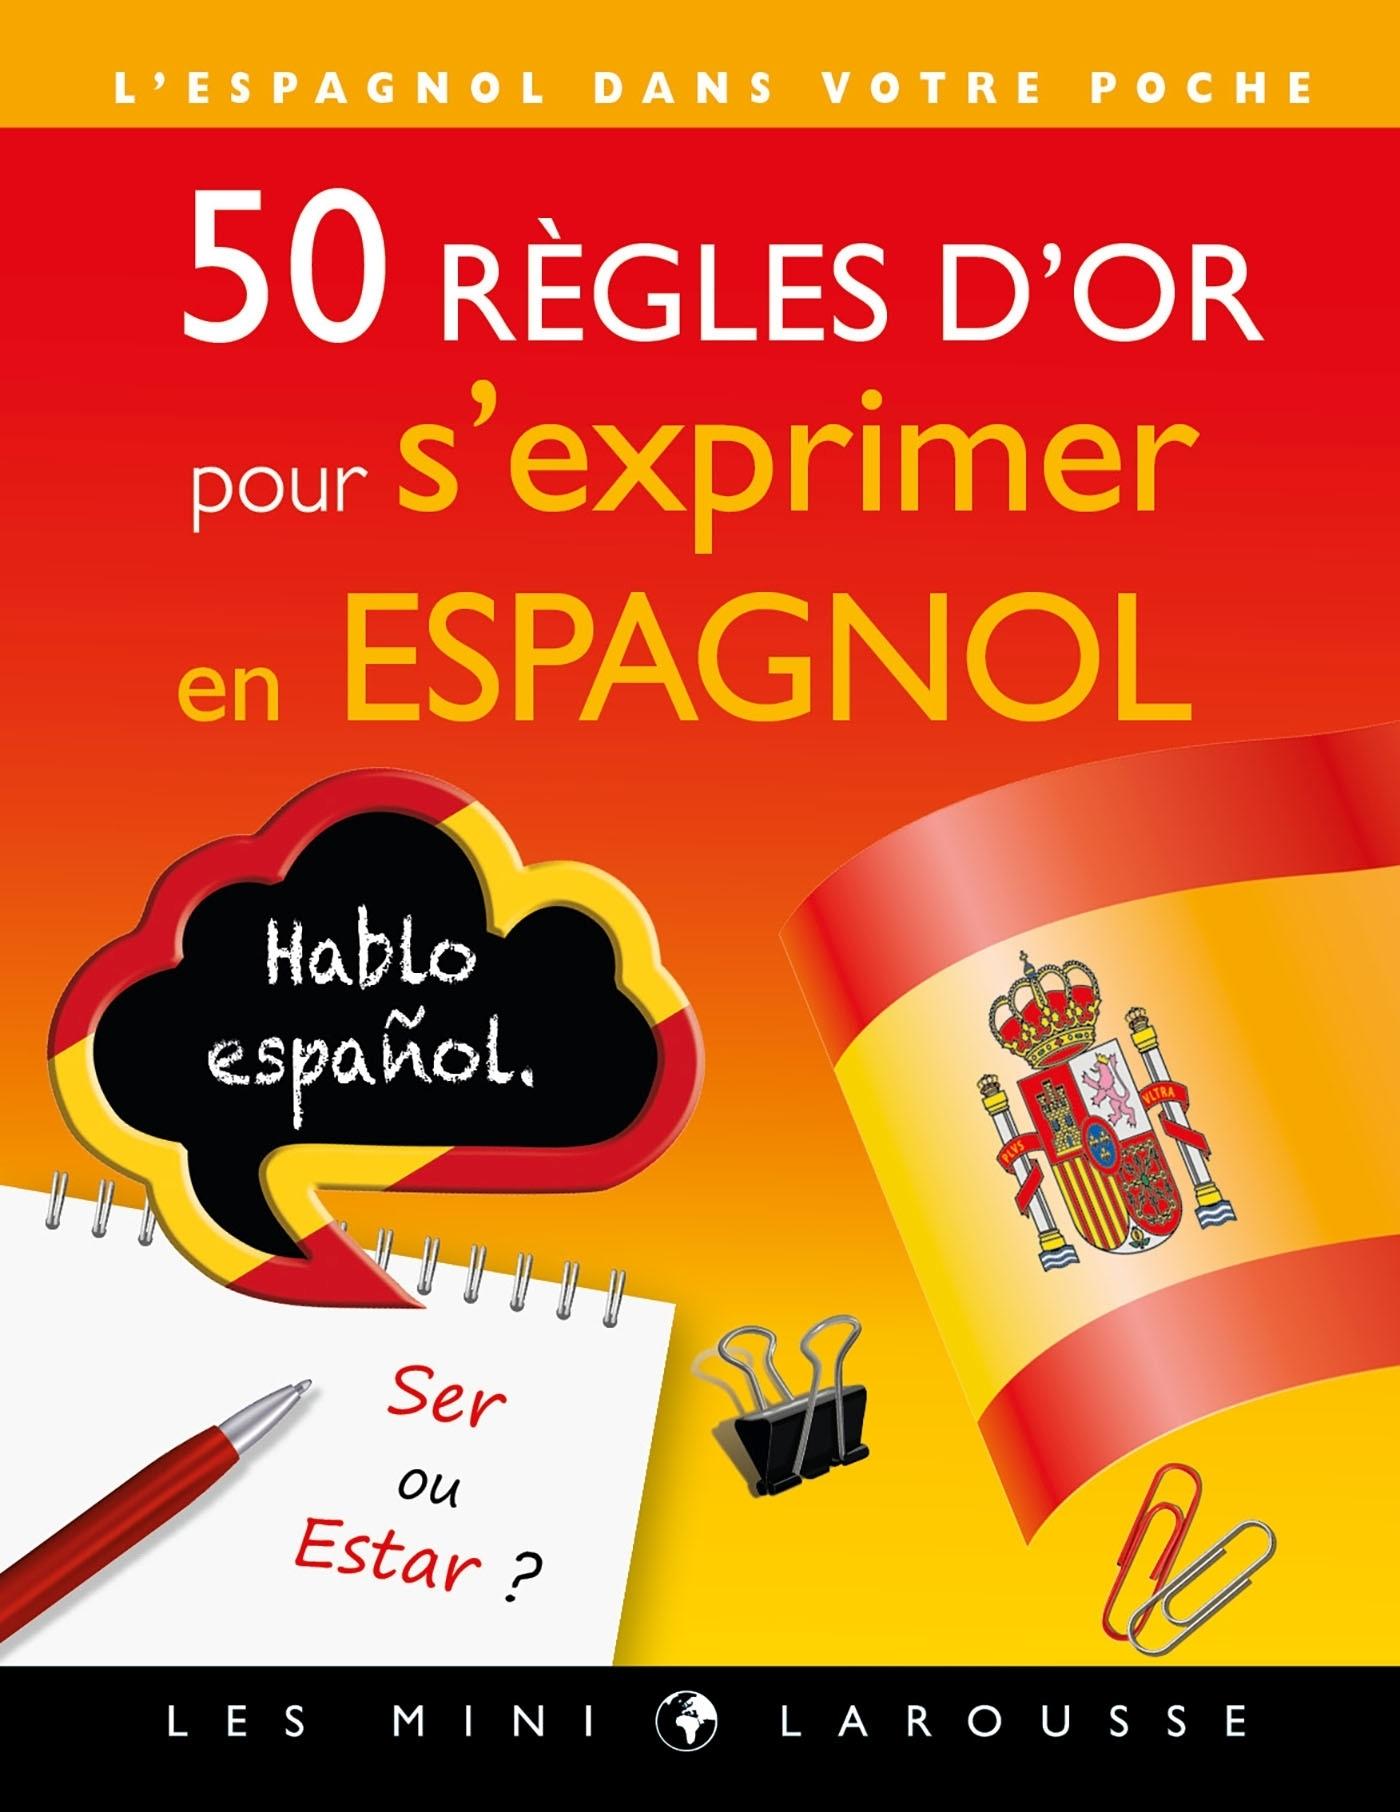 50 REGLES D'OR POUR S'EXPRIMER EN ESPAGNOL